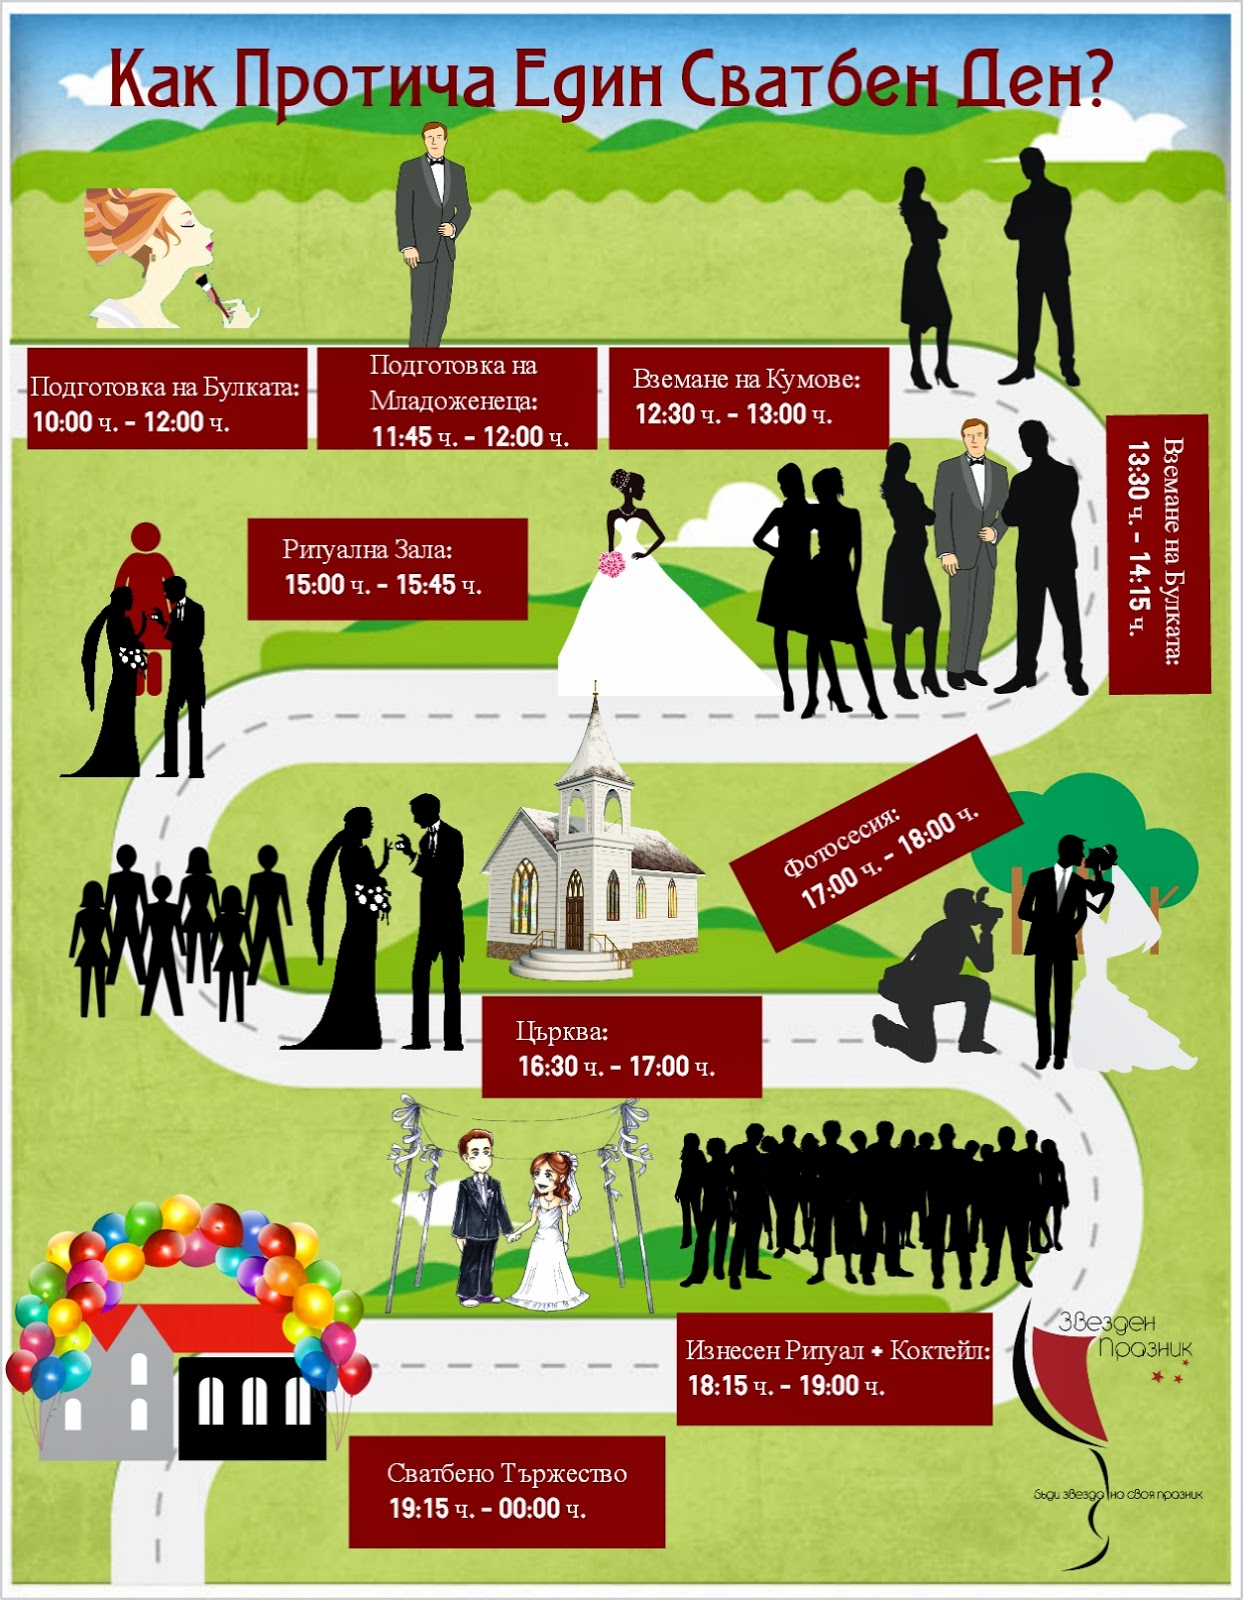 инфографика за протичането на едни сватбен ден